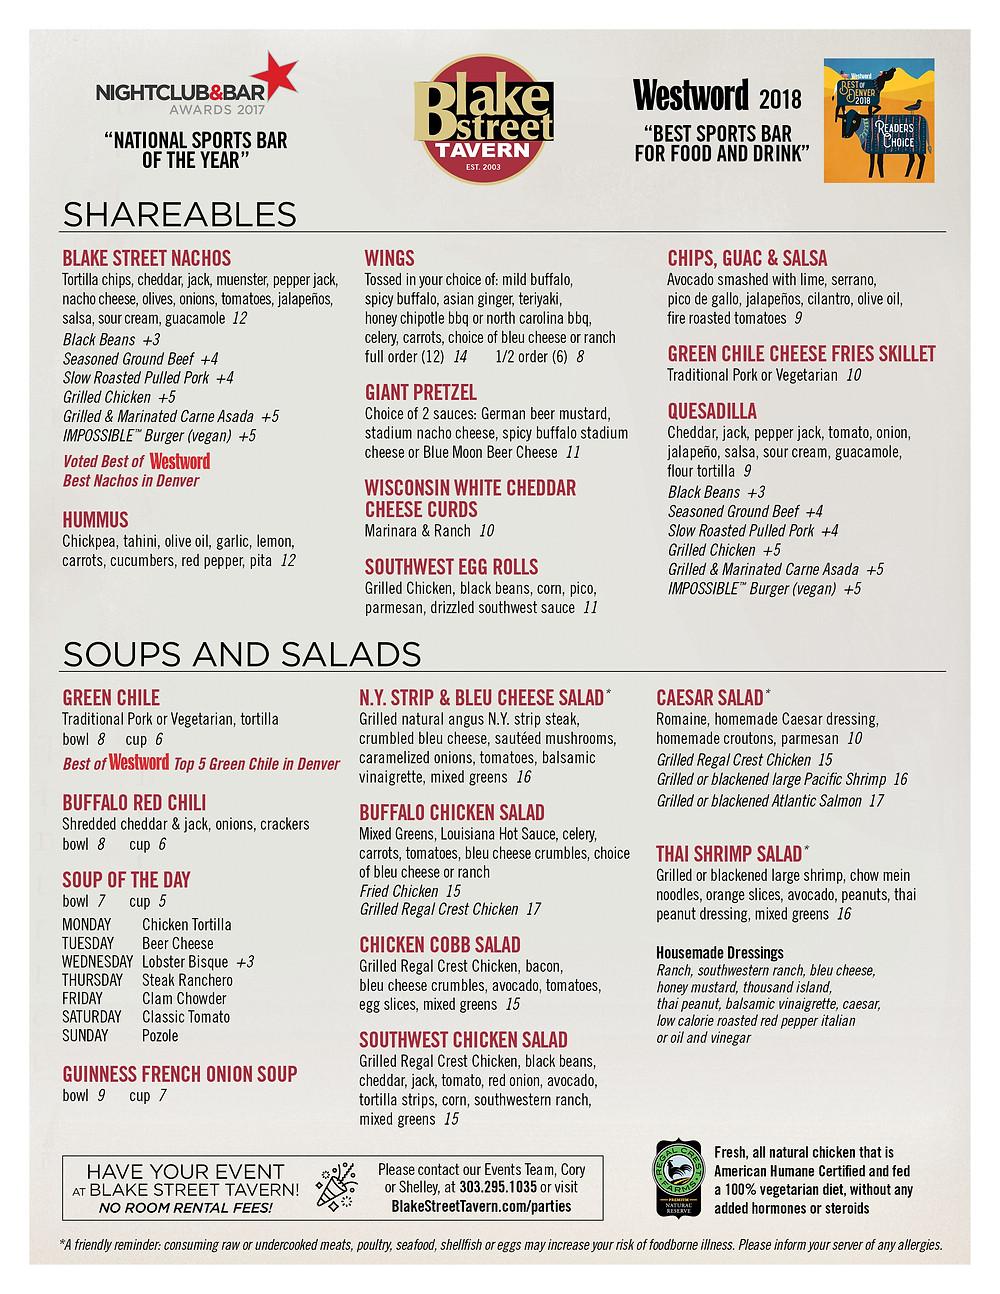 Gluten Free Restaurants - Downtown Denver Restaurant Menu with Gluten-Free Options